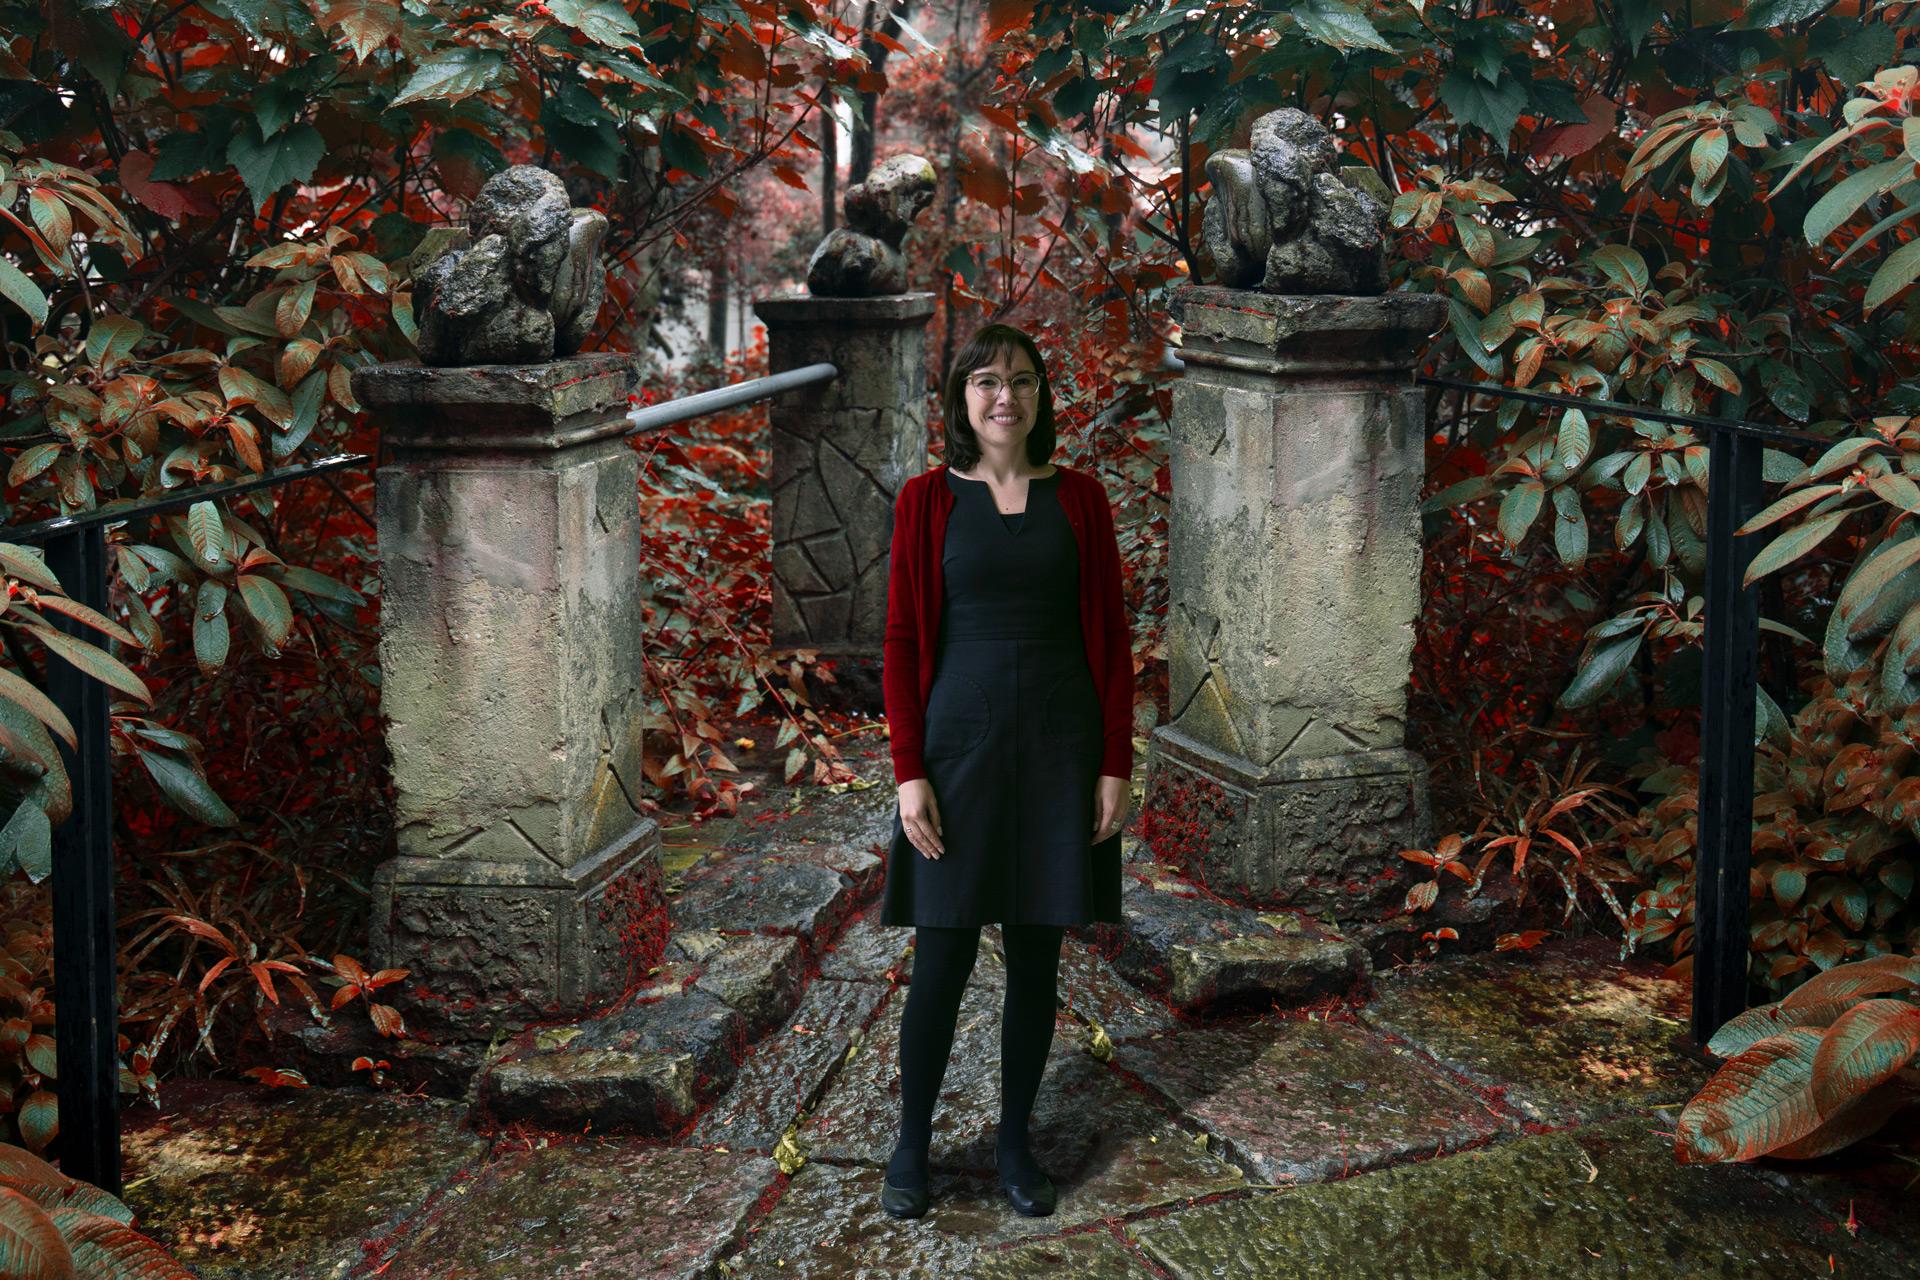 """""""Hay que descubrir los matices que el realismo mágico devoró"""". Nuestra profesora María Clara Bernal participa en exposición de surrealismo global en 2021"""